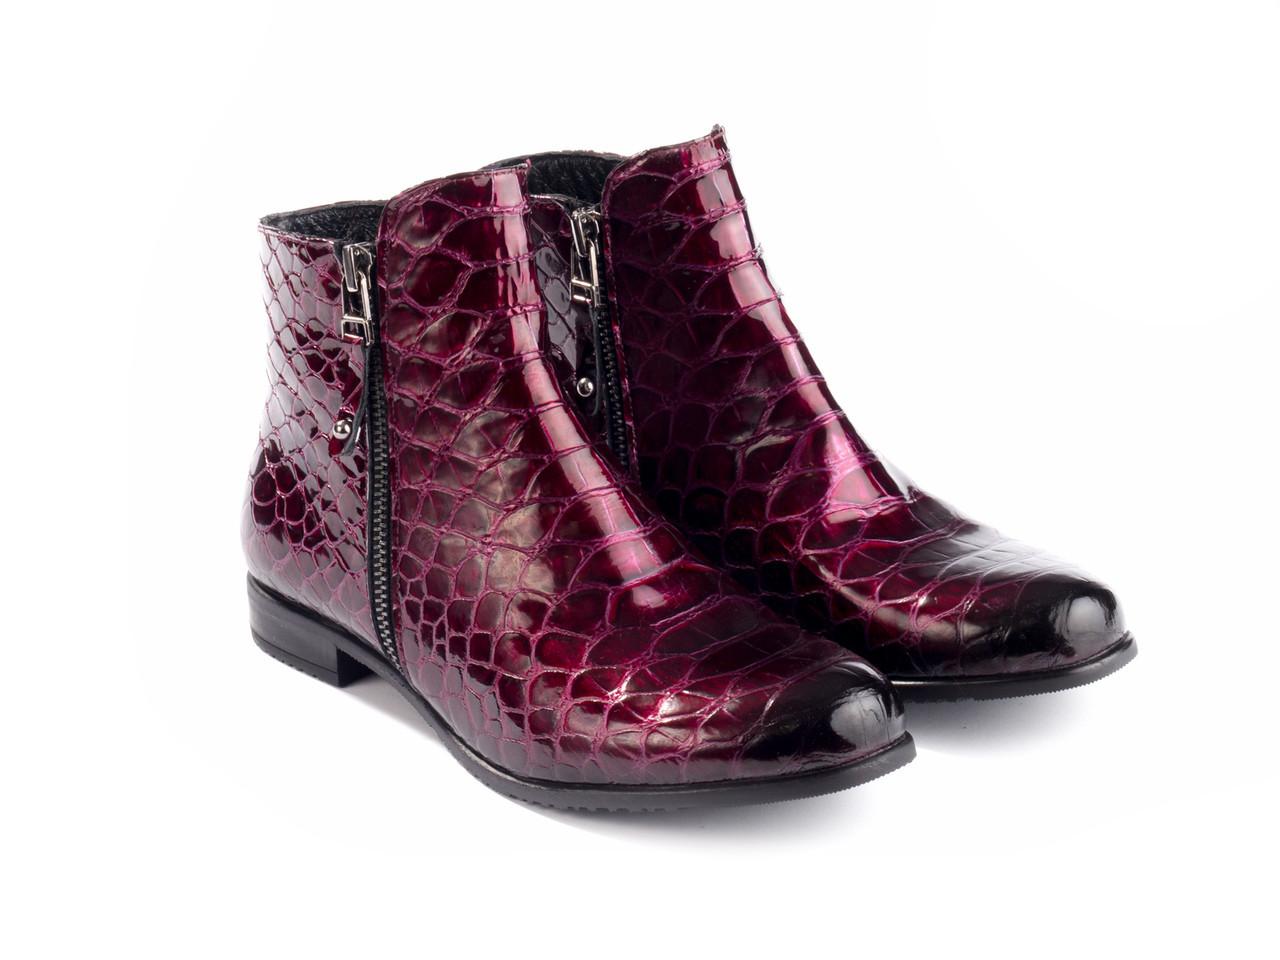 Ботинки Etor 5828-51046-015 37 бордовые